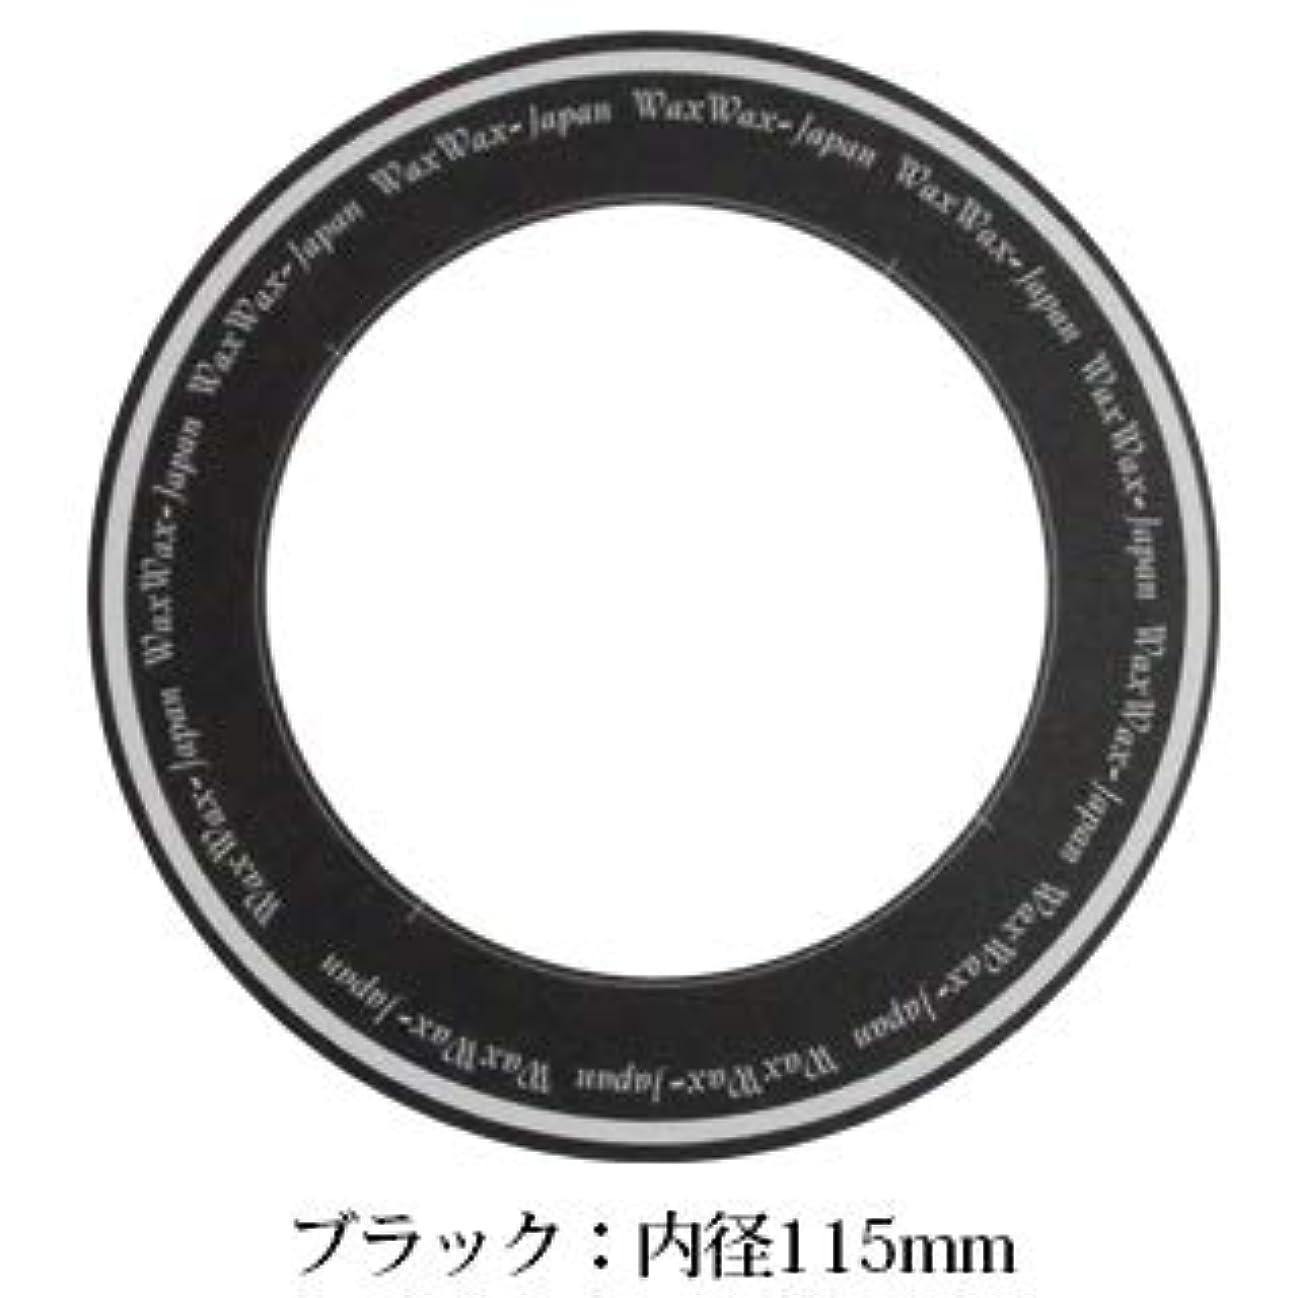 聡明プレートホットワックス脱毛用カラー 50枚入 ワックスウォーマー専用 (Bタイプ ブラック 内径:115mm)